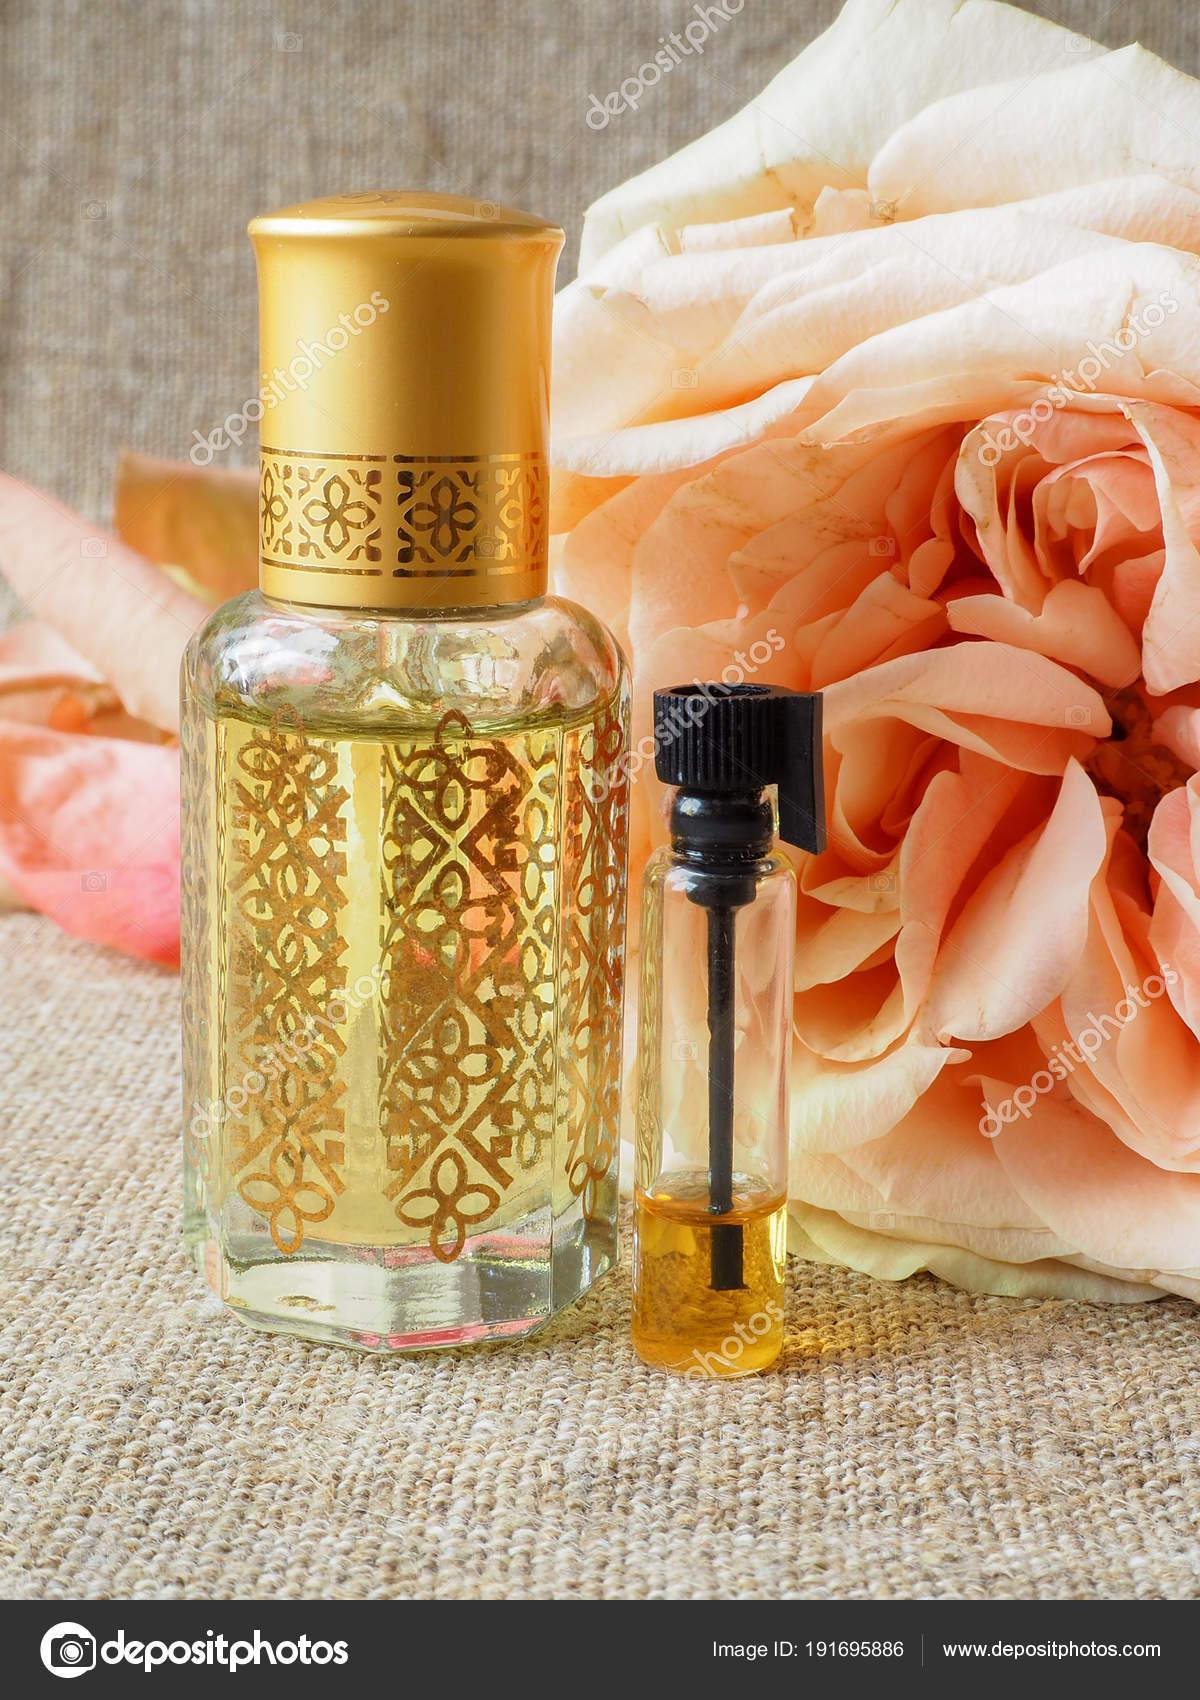 Arap parfümü. Geri bildirim ve öneriler